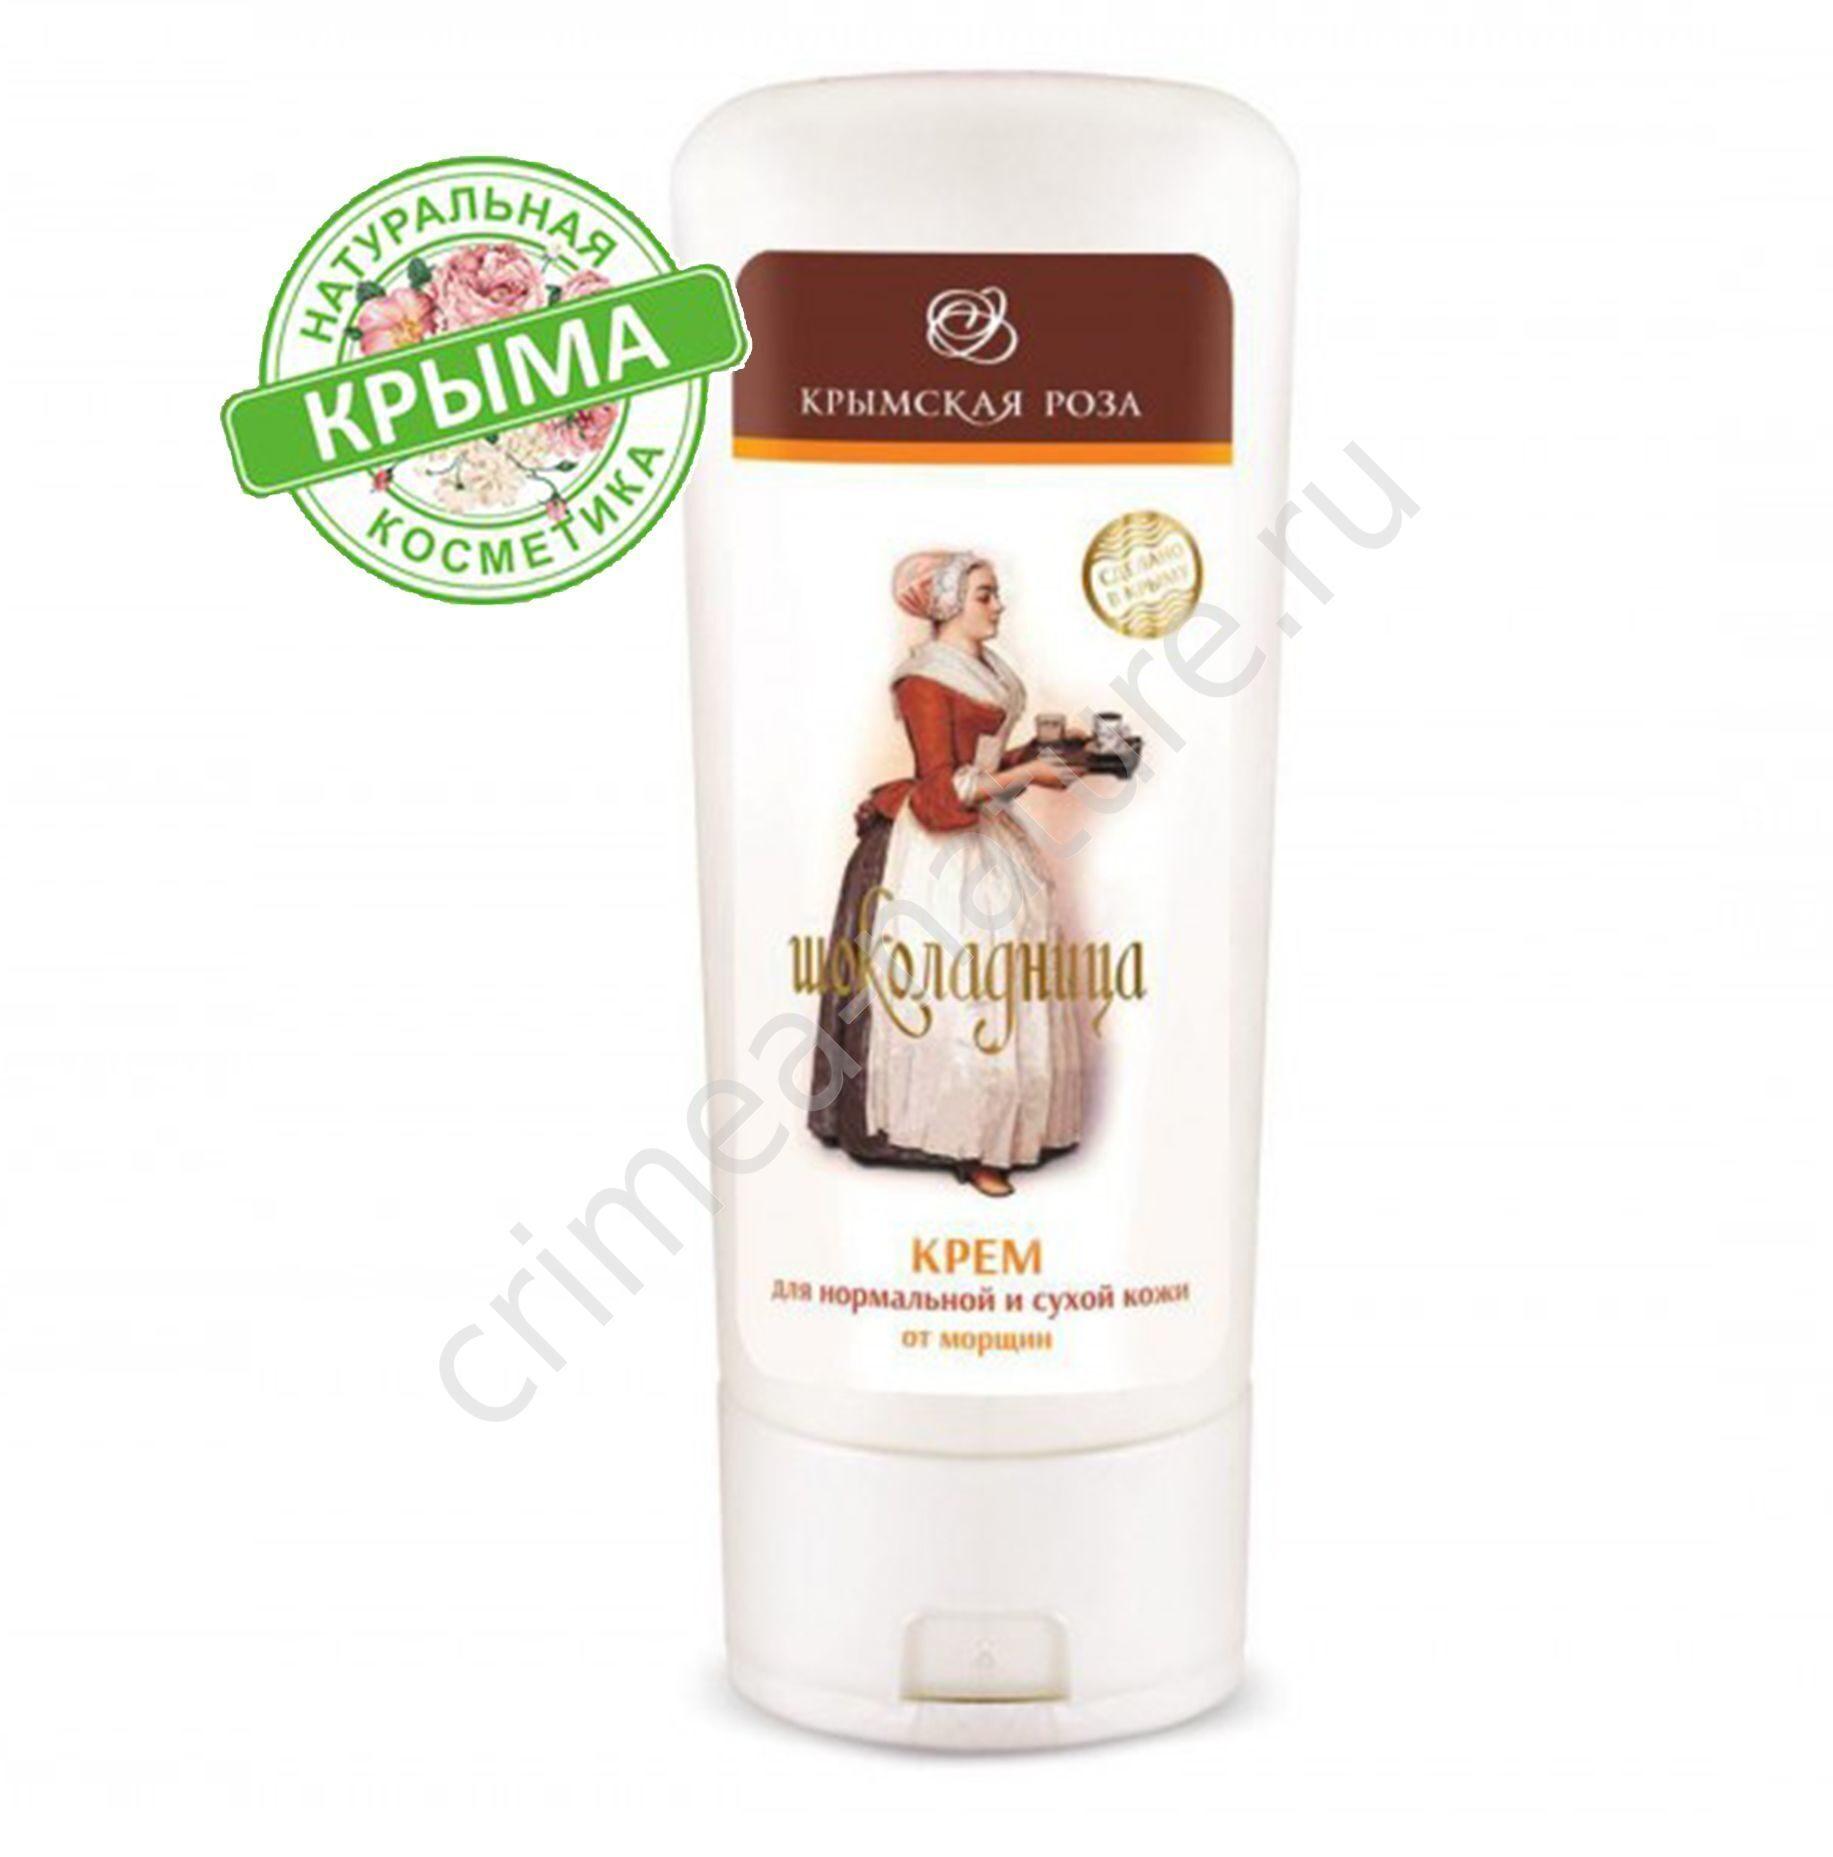 Крымская косметика для снятия макияжа